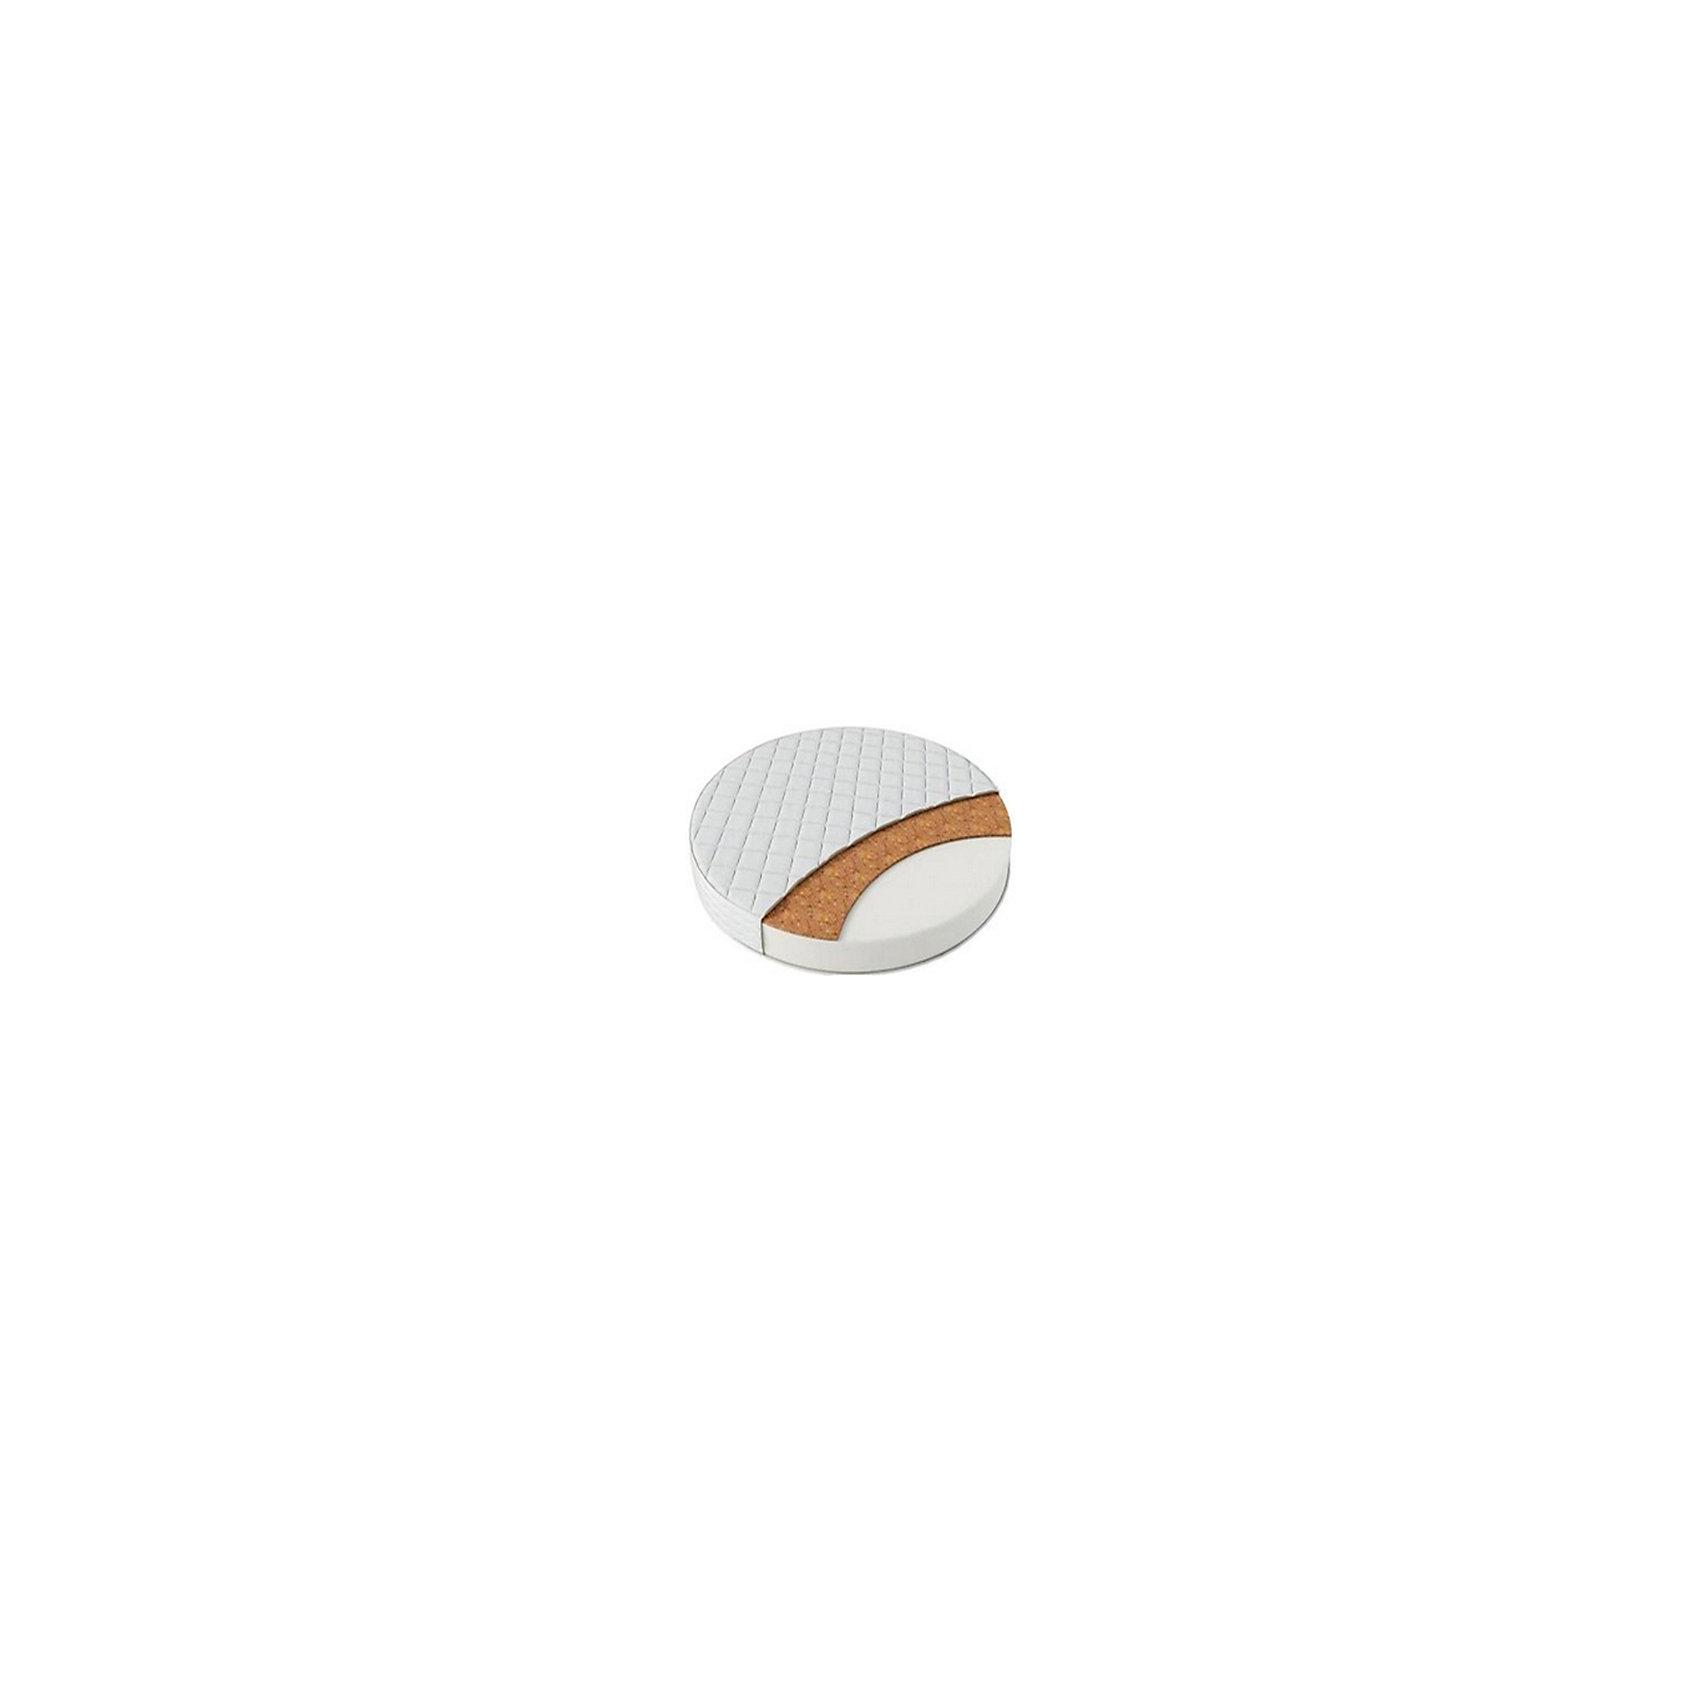 Матрас в кроватку COCOS DeLuxe, Sweet Baby, круглый (d75)Матрасы<br>Характеристики товара:<br><br>• наполнение: кокосовая койра, HOLLCON<br>• адаптация под анатомические особенности<br>• двухстороняя жесткость<br>• не удерживает влагу<br>• не сохраняет запах<br>• гипоаллергенная ткань<br>• размер: d75, высота 10 см<br>• страна бренда: Италия<br><br>Матрас в кроватку COCOS DeLuxe, Sweet Baby подойдет как для самых маленьких, так и для детей постарше.<br><br>Модель состоит из кокосовой койры и нетканого волокна HOLLCON.<br>Кокосовая койра признана экологически чистым материалом.<br>HOLLCON настолько упругий, что даже с течением времени на матрасе не остаются следы и вмятины. Благодаря этой составляющей, матрас полностью повторяет анатомию спящего.<br><br>Кроме того, это матрас с двухсторонней жесткостью. <br>Более жесткая сторона обычно используется для детей помладше, чтобы обеспечить ортопедическую поддержку позвоночнику и таким образом сопутствовать его правильному развитию. <br>Вторая - более мягкая. Она используется после того, как ребенок немного подрастет. Эта сторона матраса позволит ему чувствовать себя максимально комфортно во время сна.<br><br>Высокое качество гарантирует долгий срок службы. <br><br>Матрас в кроватку COCOS DeLuxe, Sweet Baby можно купить в нашем интернет-магазине.<br><br>Ширина мм: 750<br>Глубина мм: 110<br>Высота мм: 750<br>Вес г: 2000<br>Возраст от месяцев: 0<br>Возраст до месяцев: 36<br>Пол: Унисекс<br>Возраст: Детский<br>SKU: 5583581